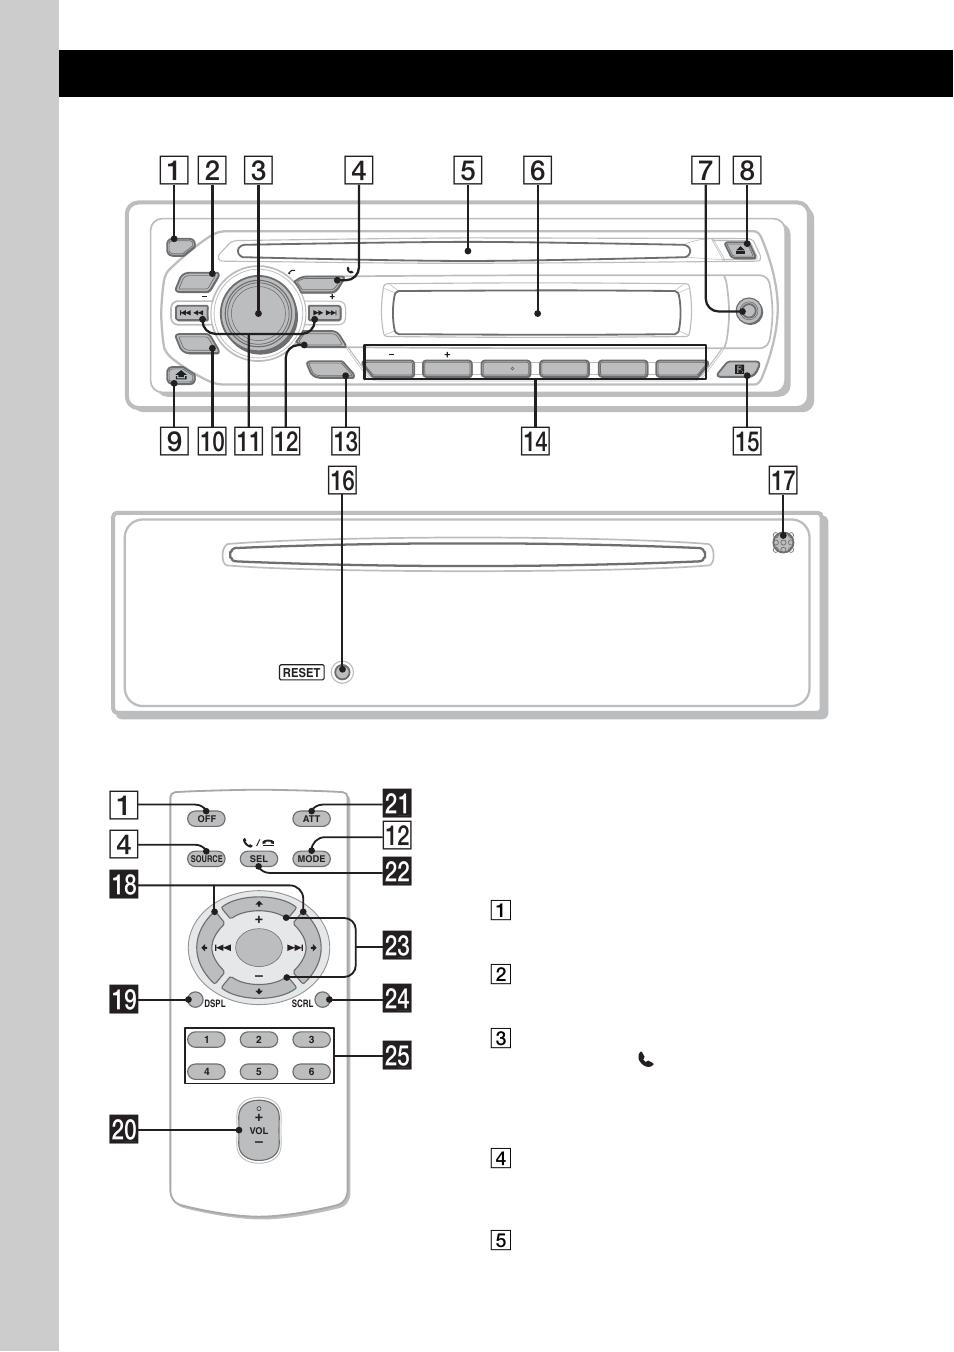 Alpine Radio Cm5205 Wiring Diagram